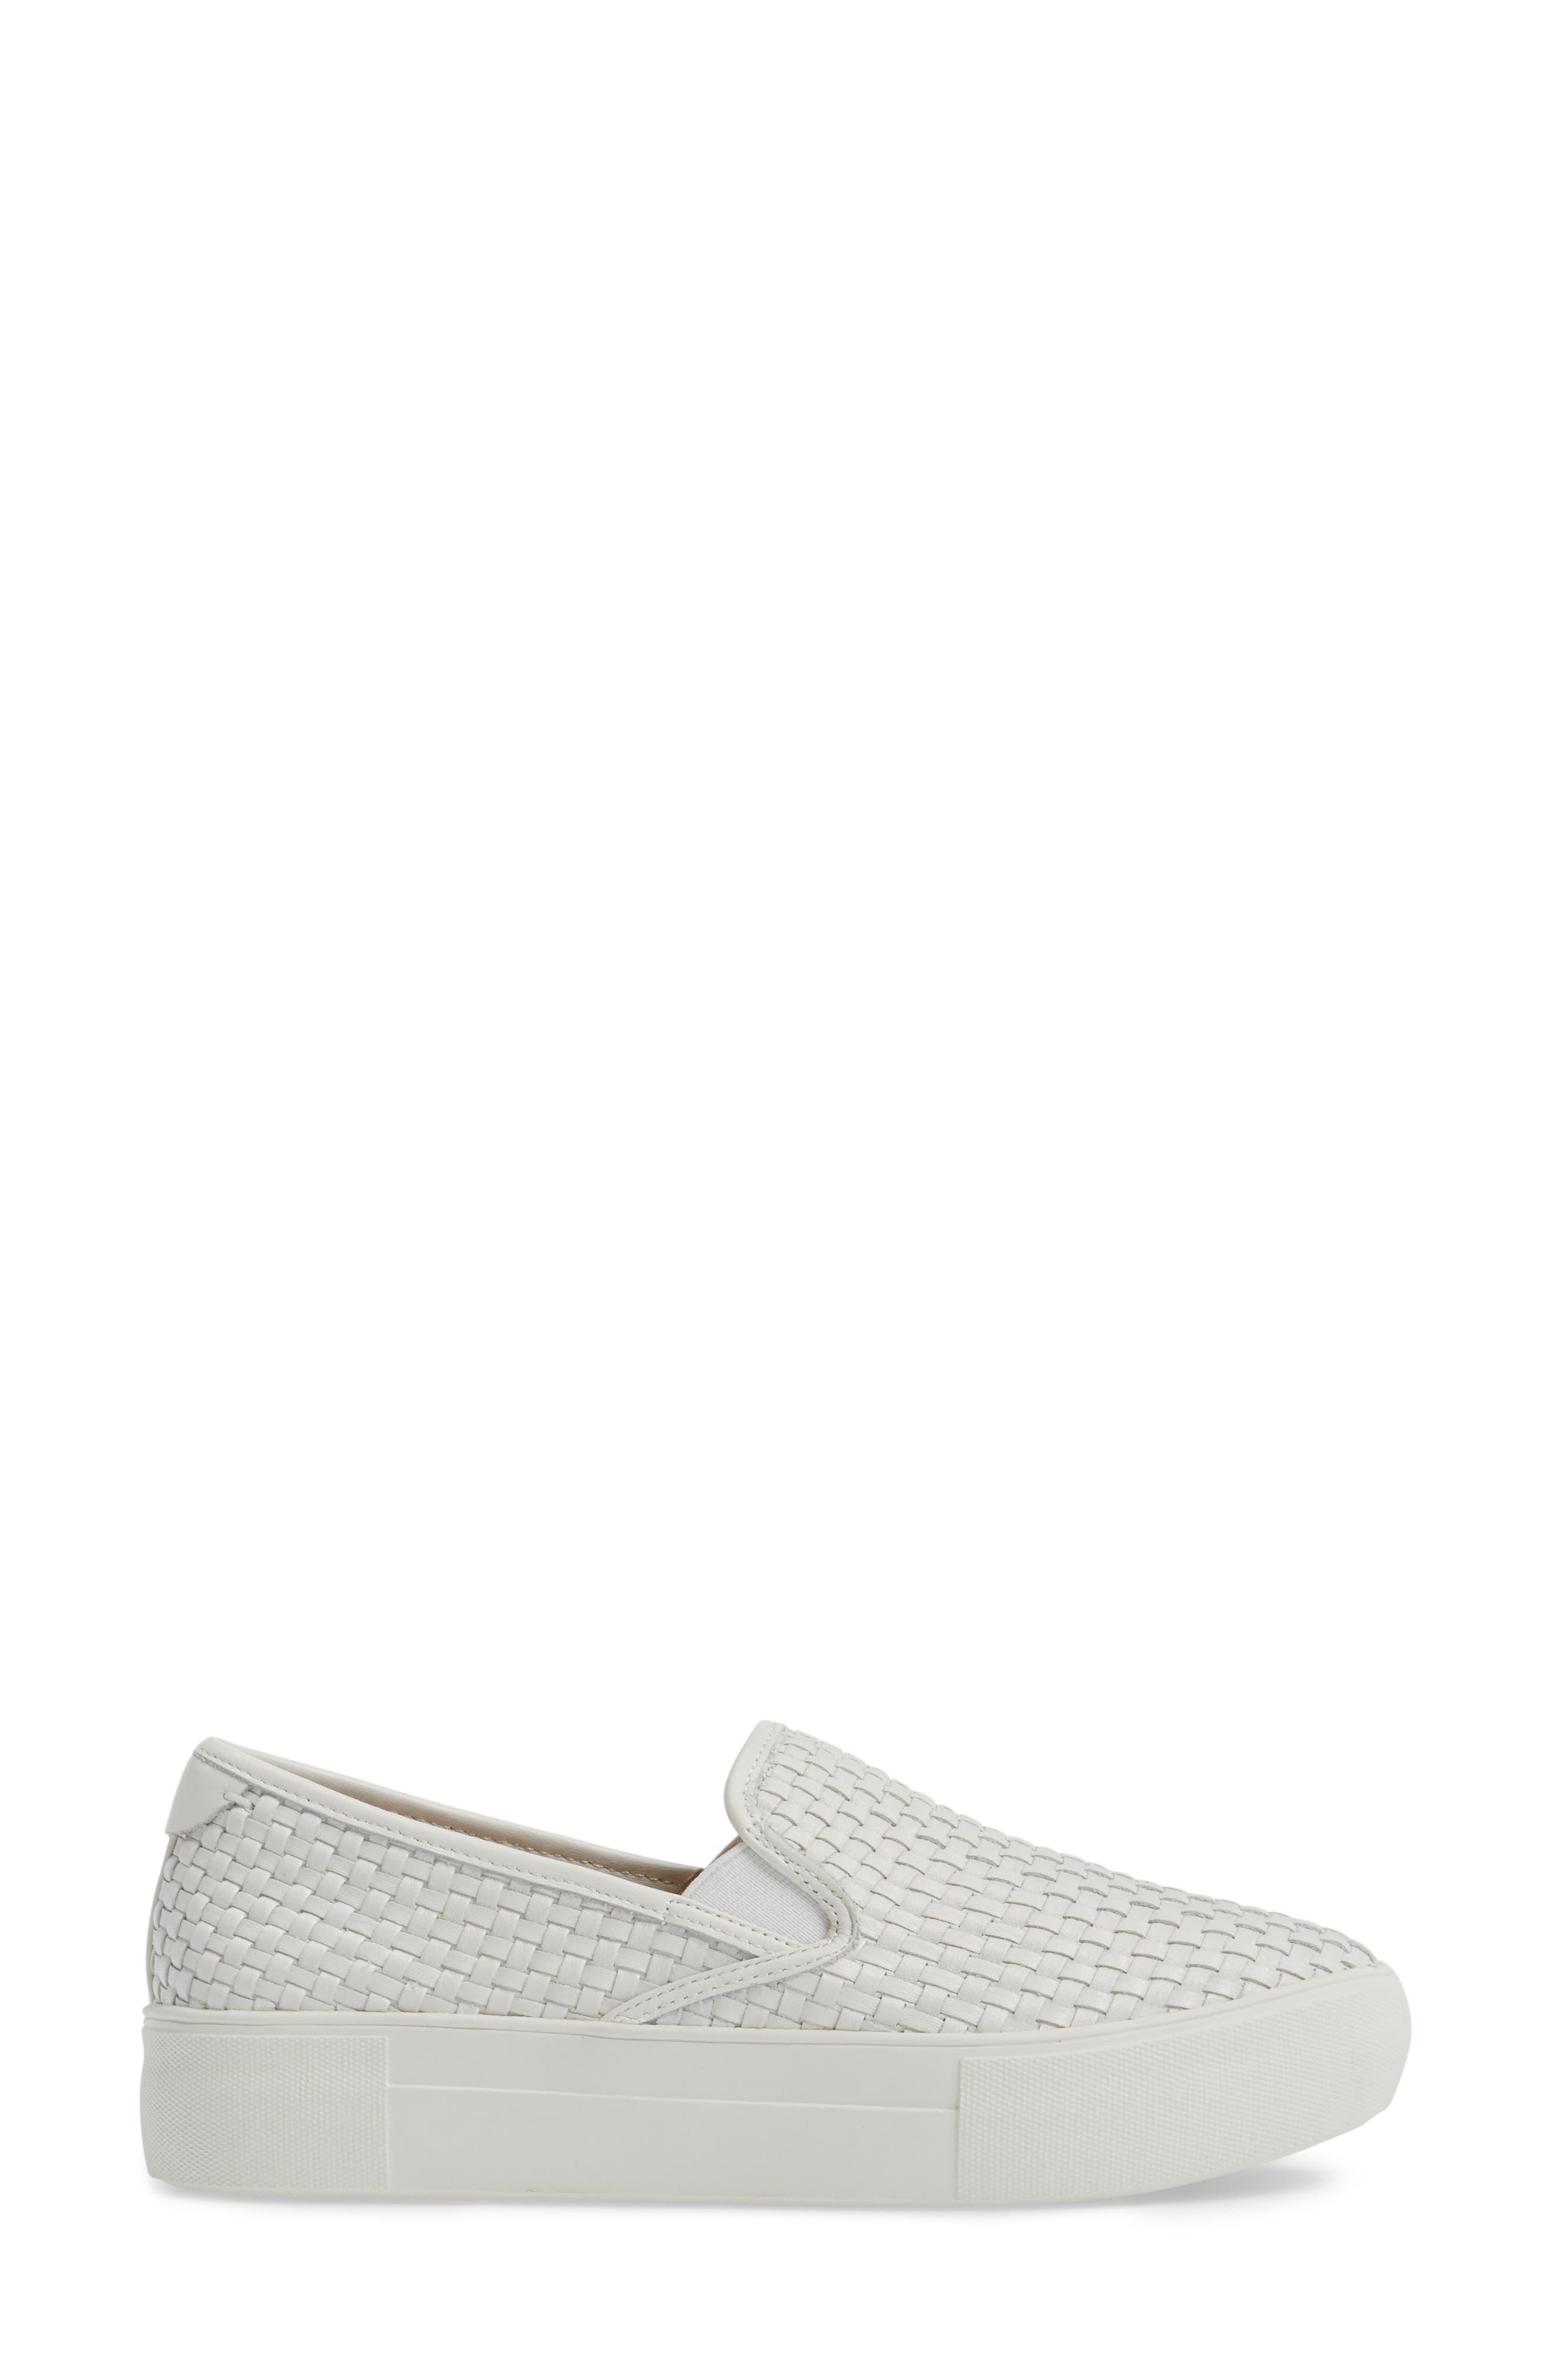 Alyssa Platform Slip-On Sneaker,                             Alternate thumbnail 3, color,                             White Leather